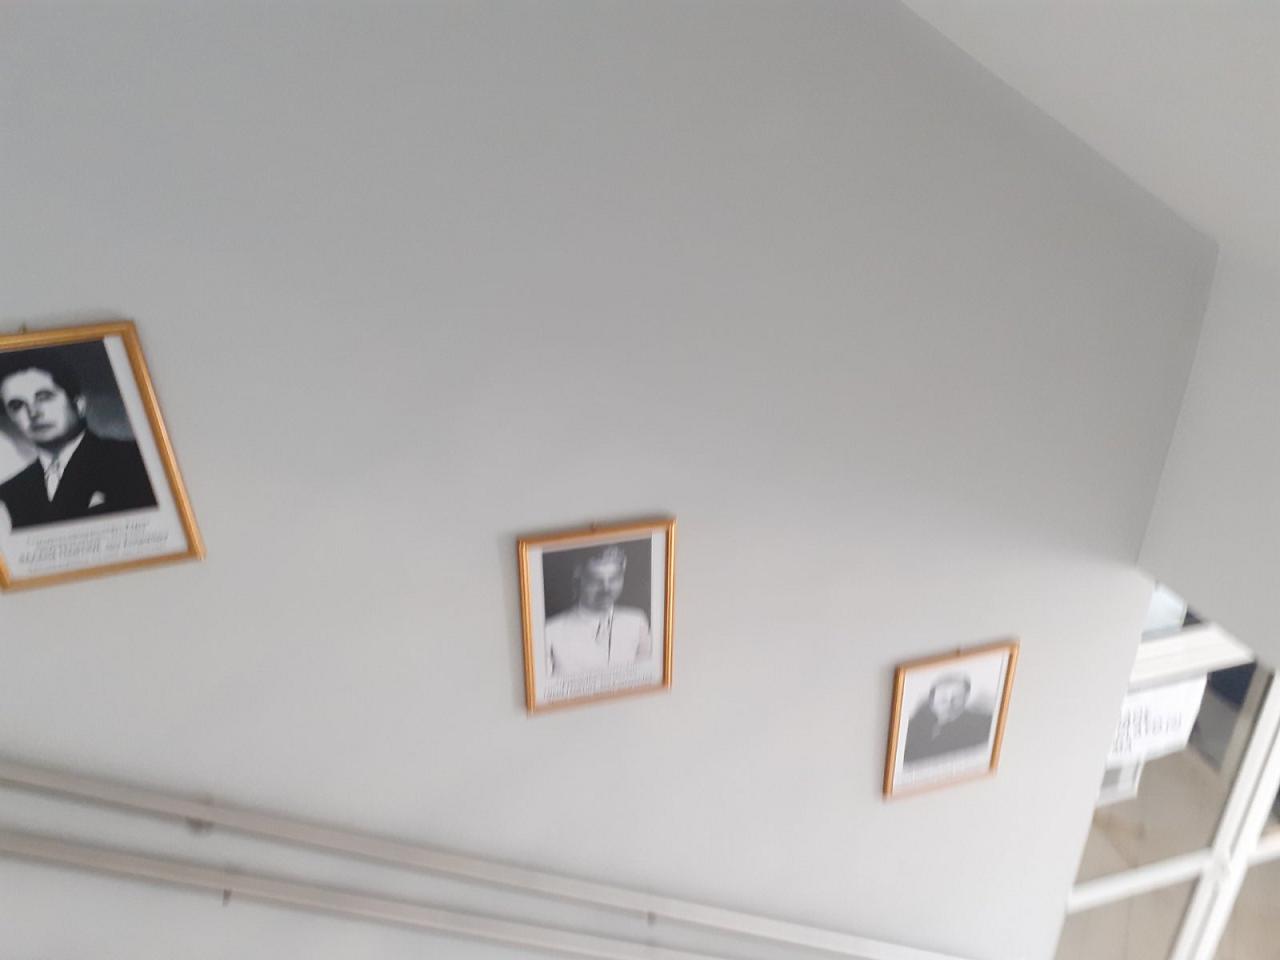 Κάδρα με φωτογραφίες όλων των Δημάρχων από το 1949 μέχρι και το 2014 τοποθέτησε ο Δήμαρχος Γιώργος Ψαθάς στις σκάλες του Δημαρχείου (φωτογραφίες) 5